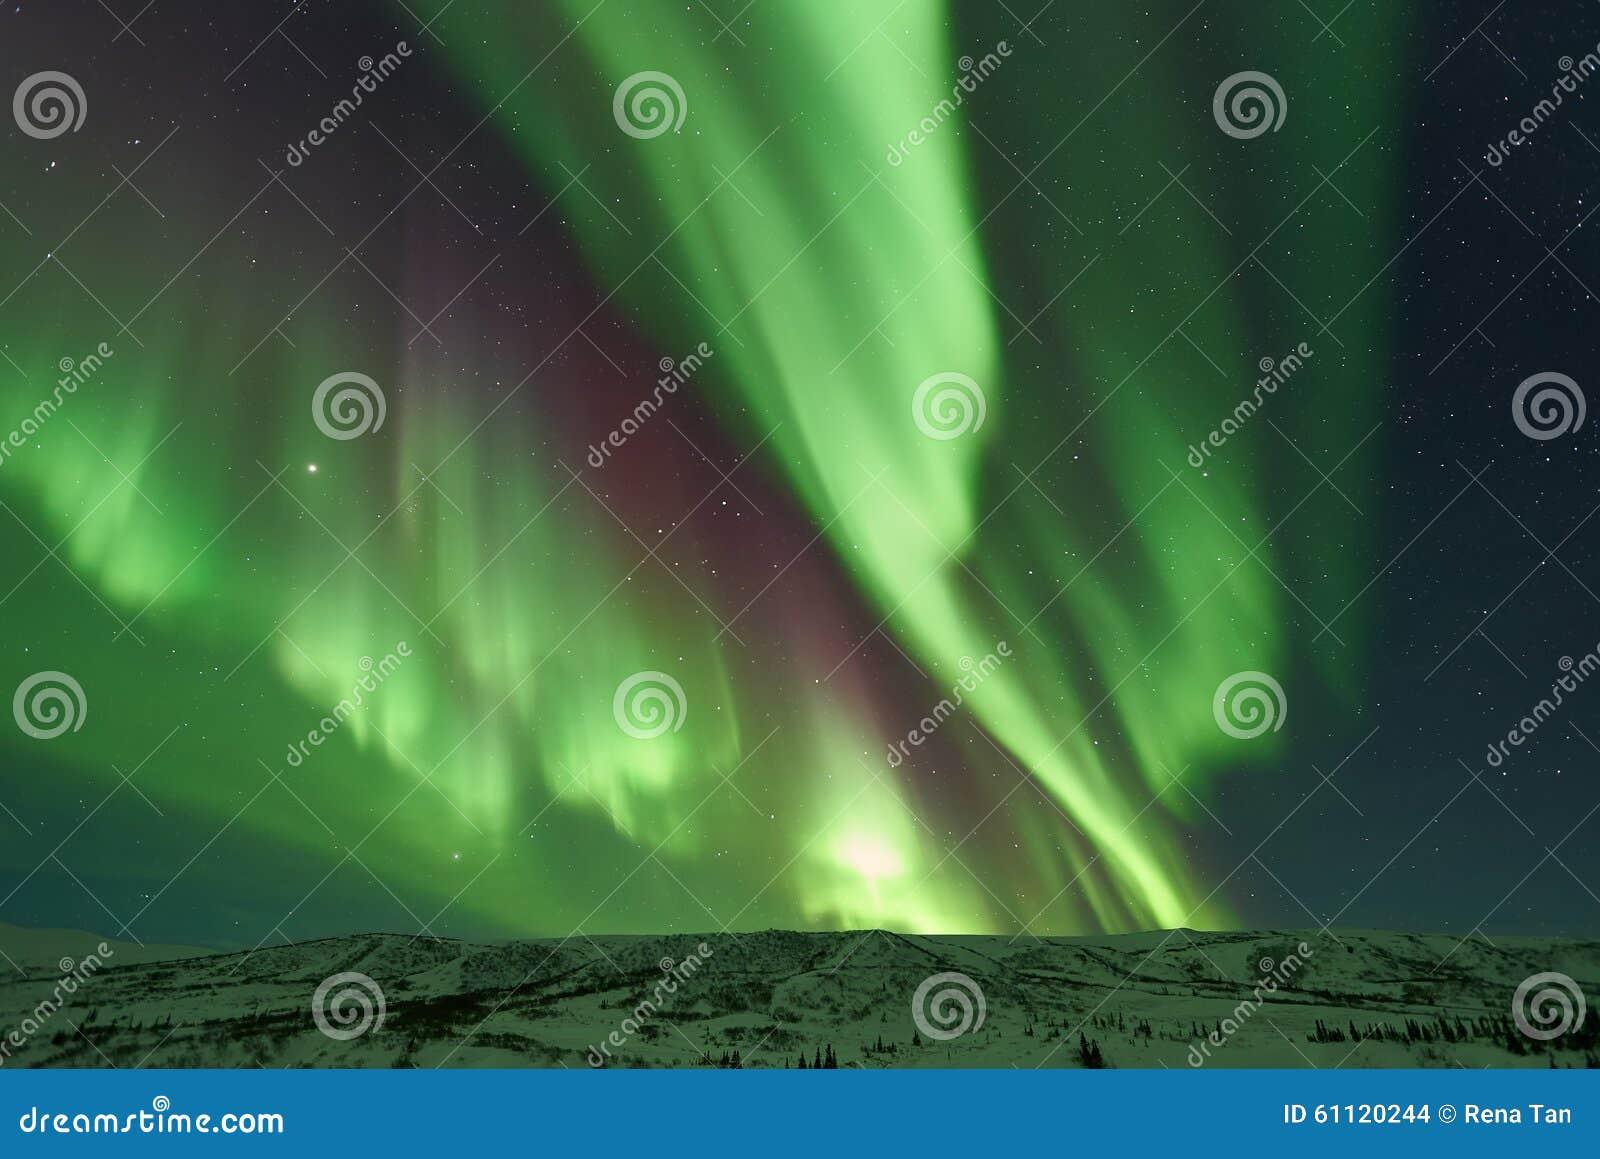 极光Borealis/北极光